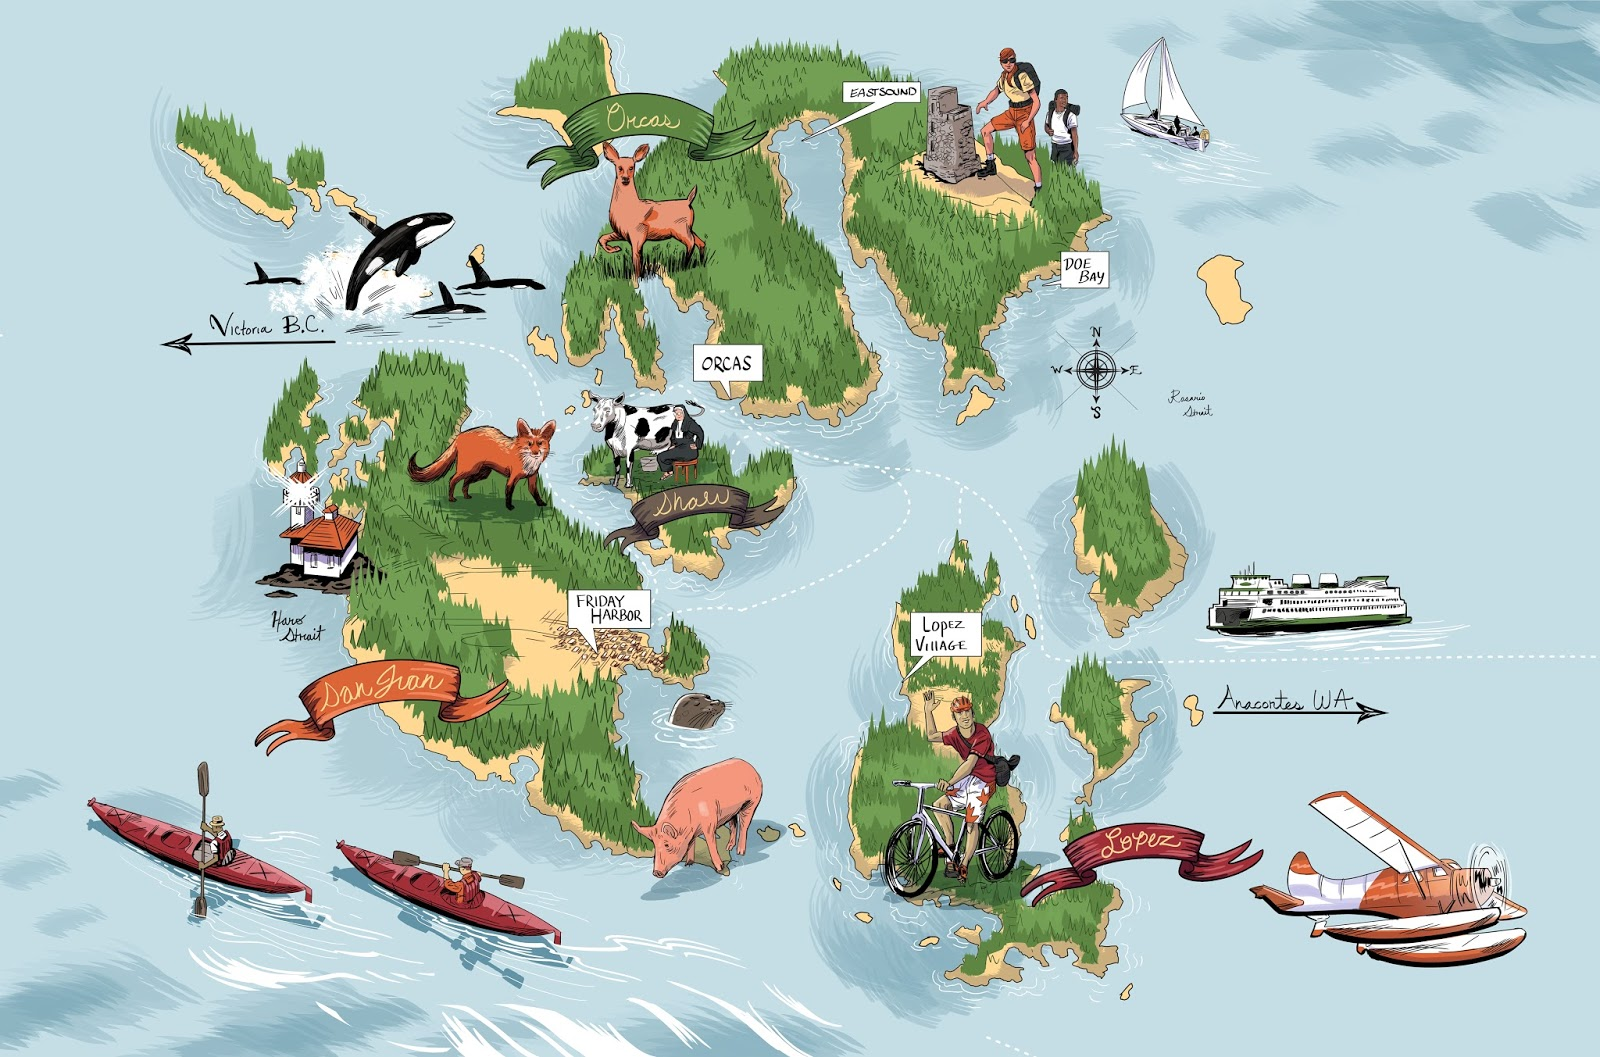 Joseph Laney Illustration Seattle Met Magazine Illustration San